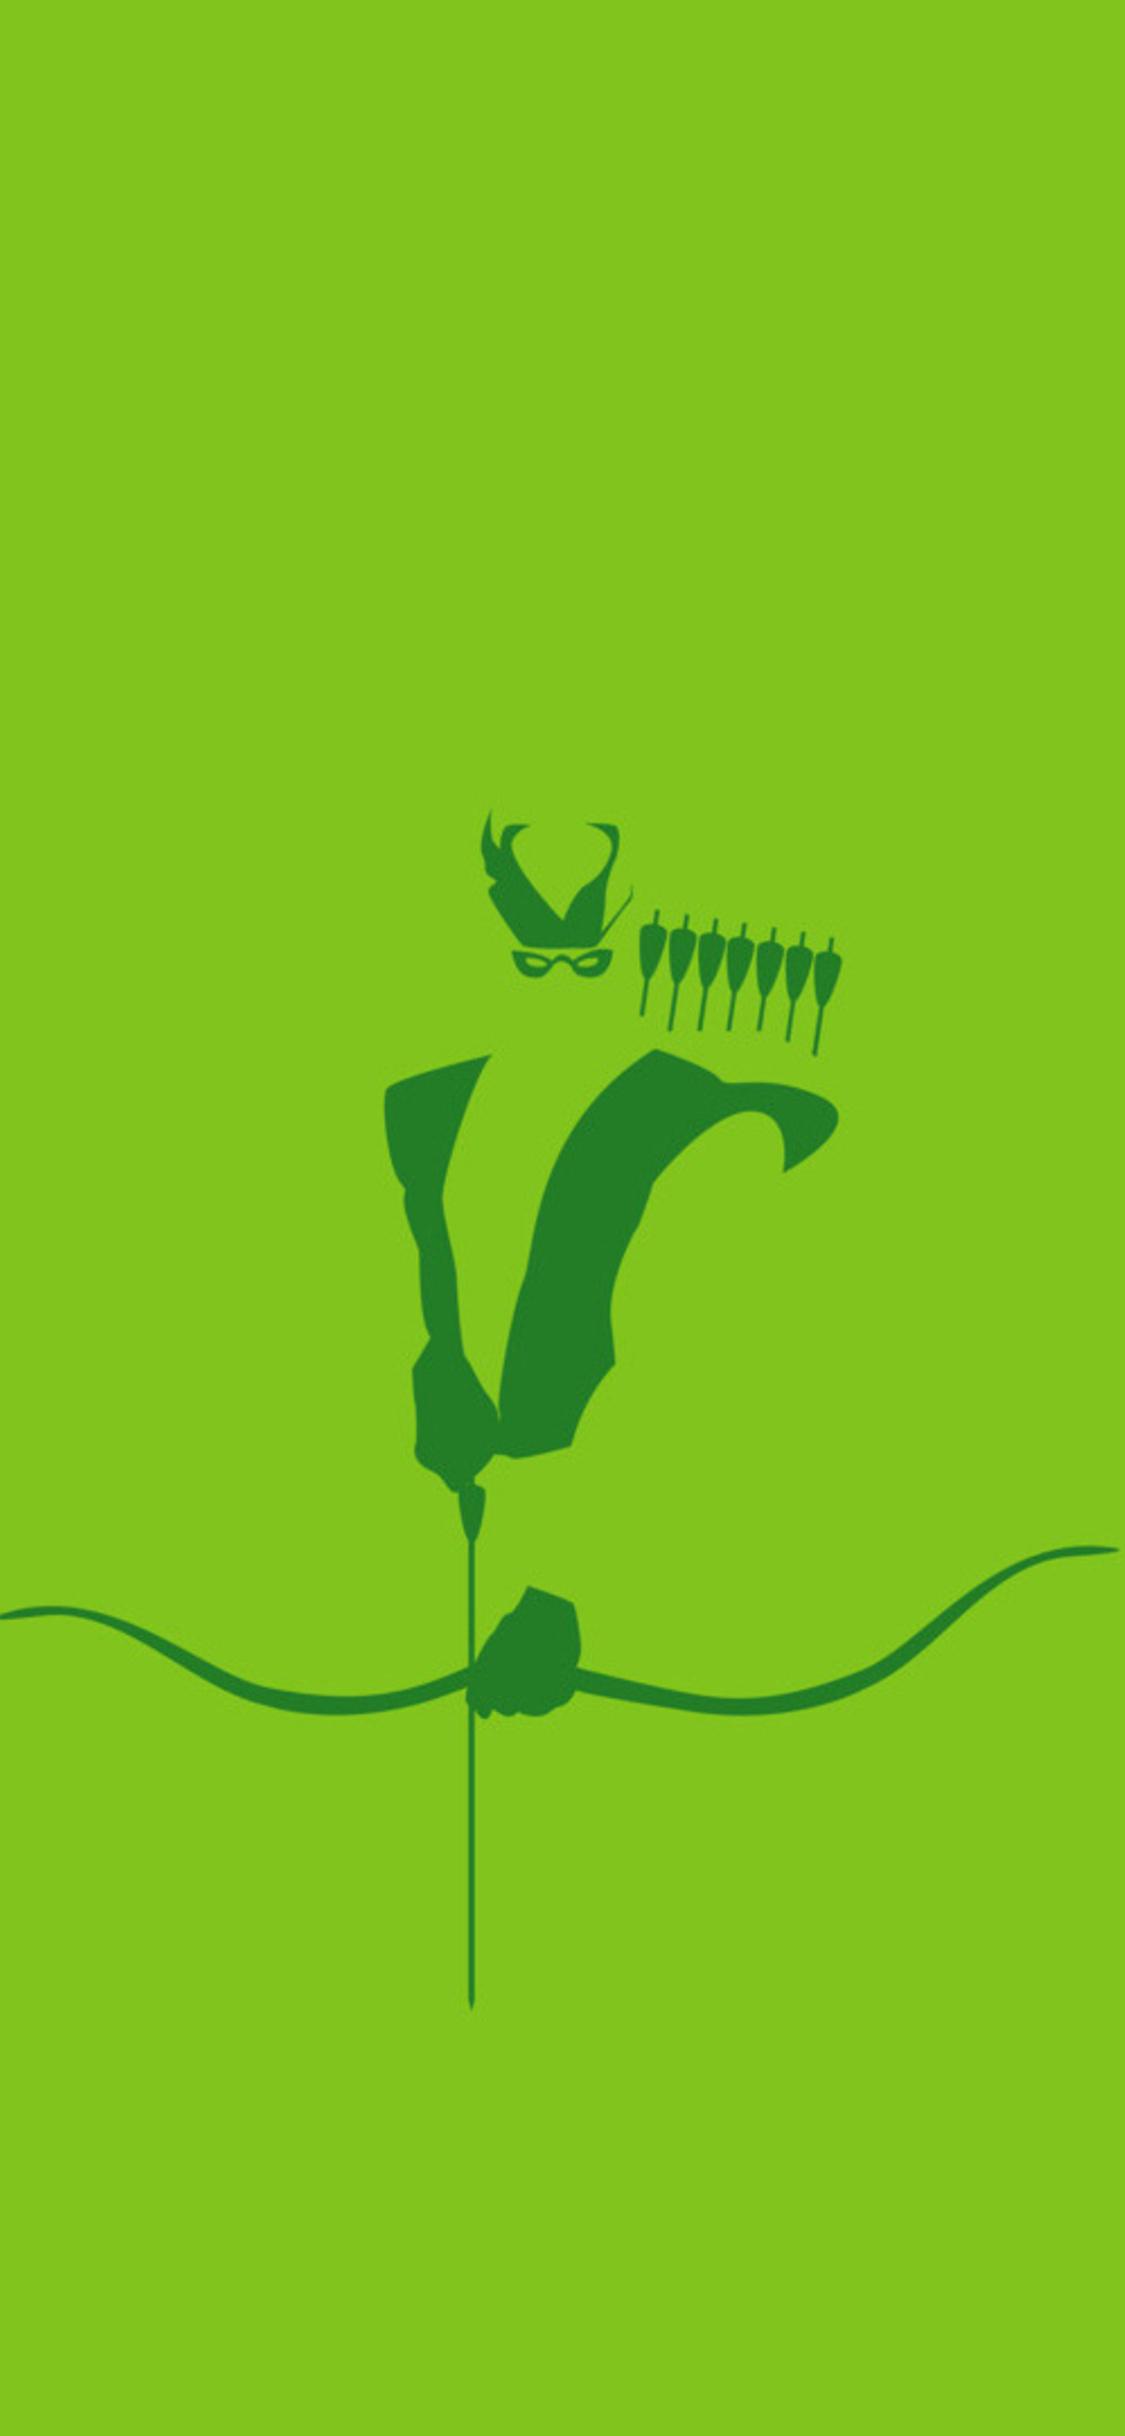 Green Arrow Minimalism Hd Id